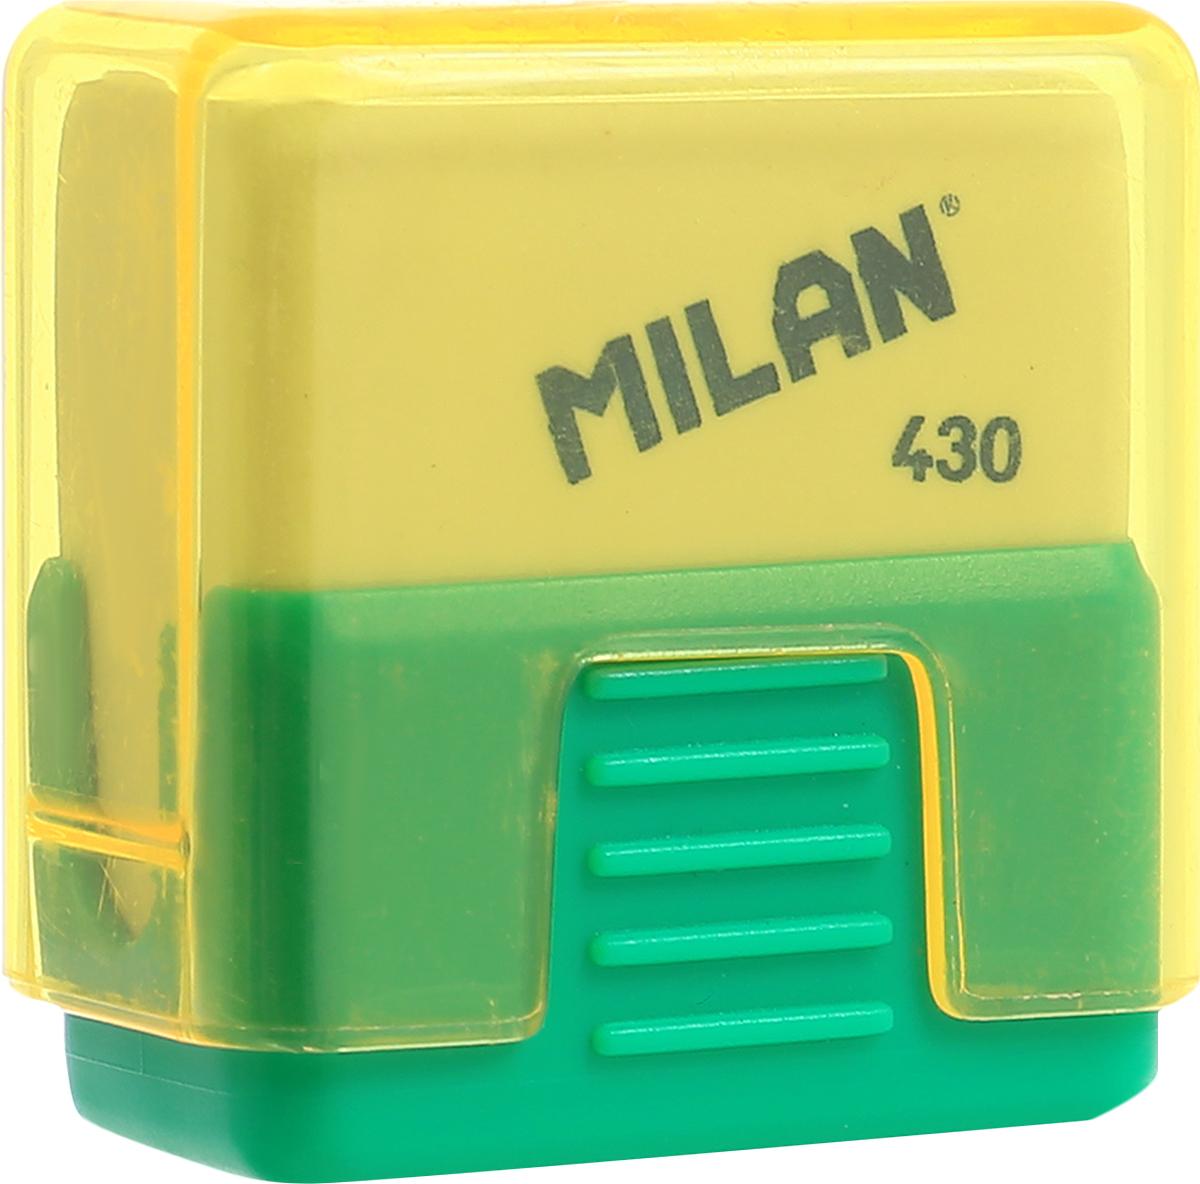 Milan Ластик School 430 цвет зеленый желтыйCMMS430_зелёный/желтыйЛастик Milan School 430 - это ластик с пластиковым держателем в эргономичном компактном корпусе. Заменяемый ластик.